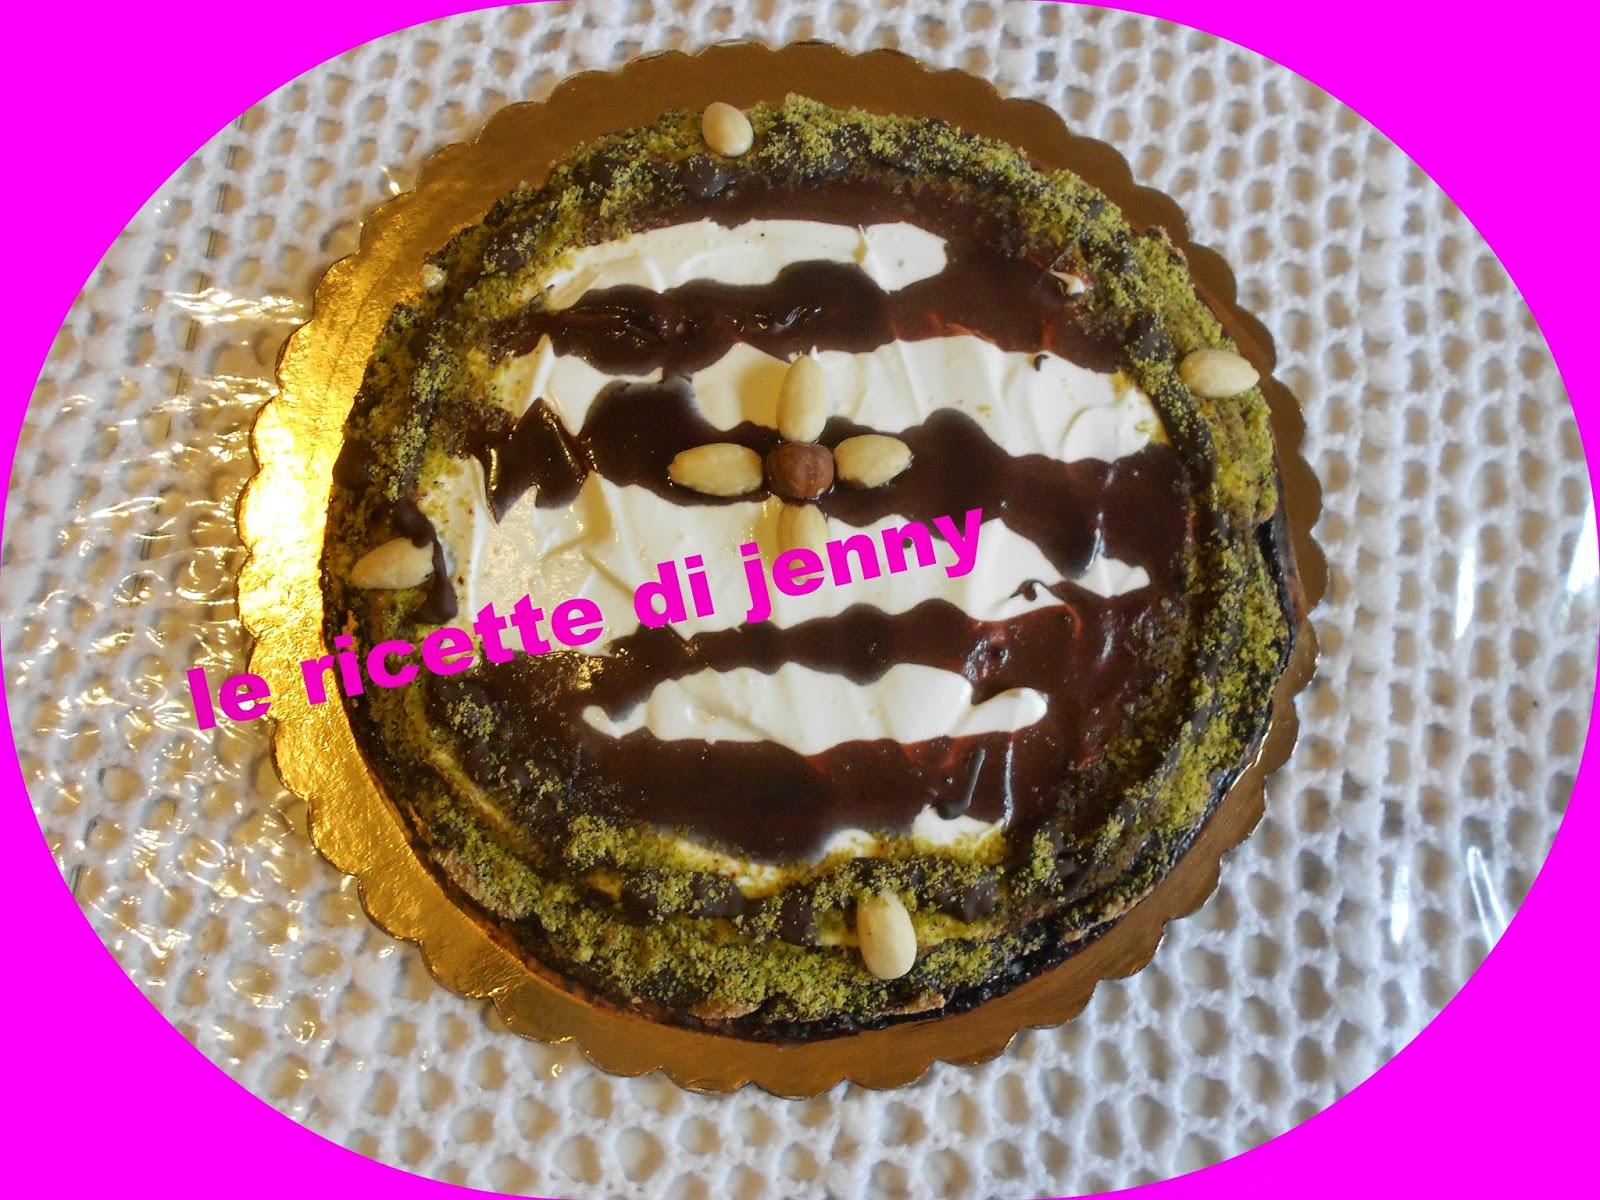 Cheesecake con crema mascarpone e nutella panna acida e glassa al cacao e  cioccolata.